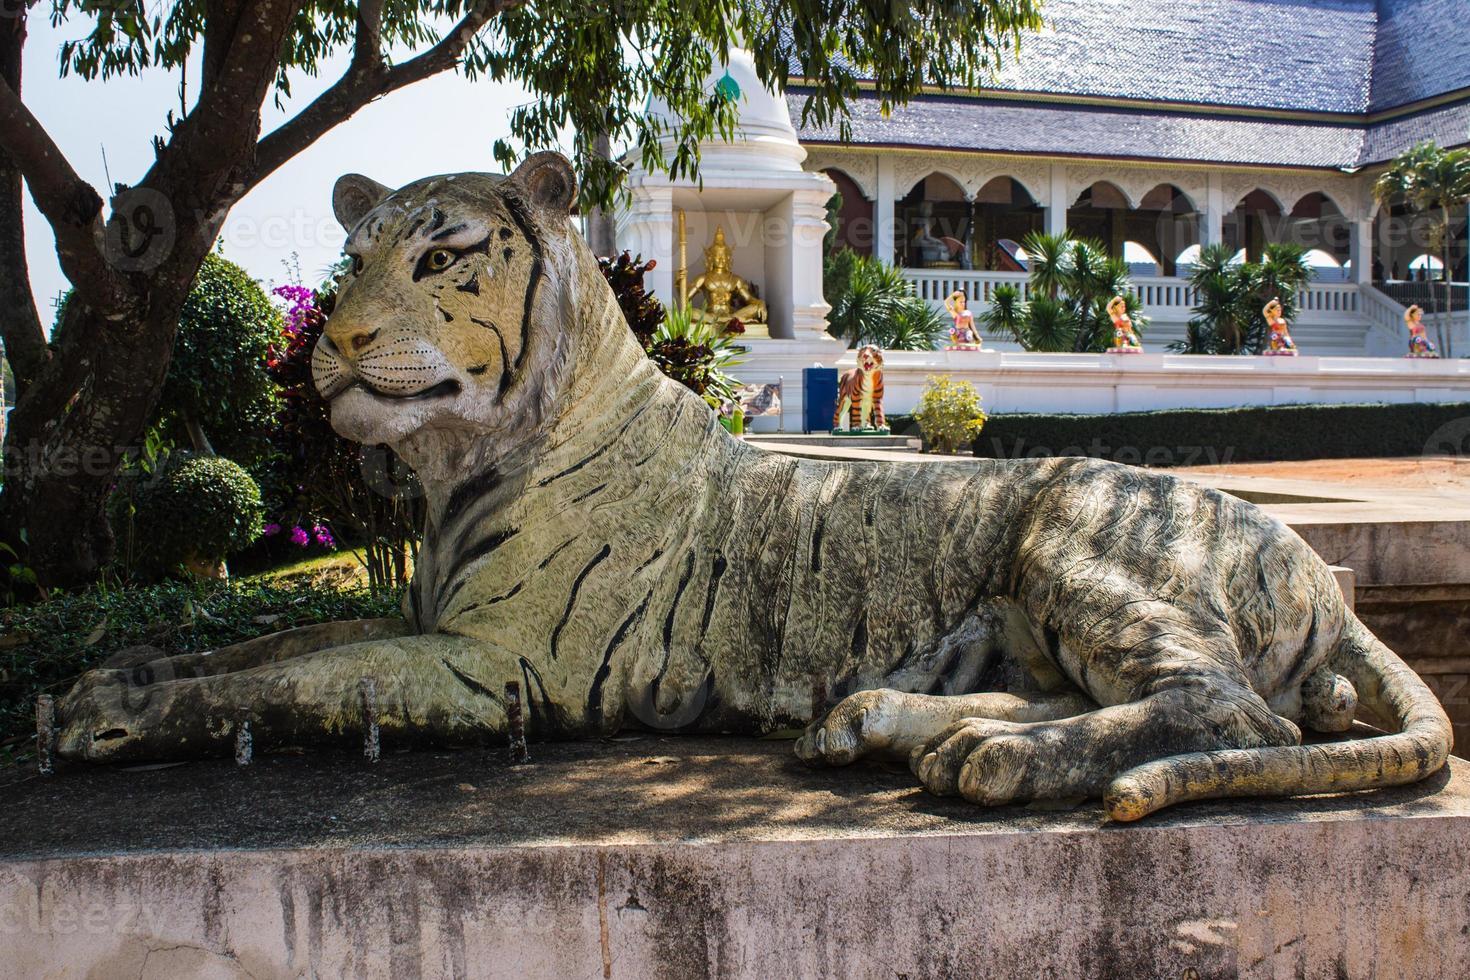 Tigerstatue im thailändischen Tempel foto